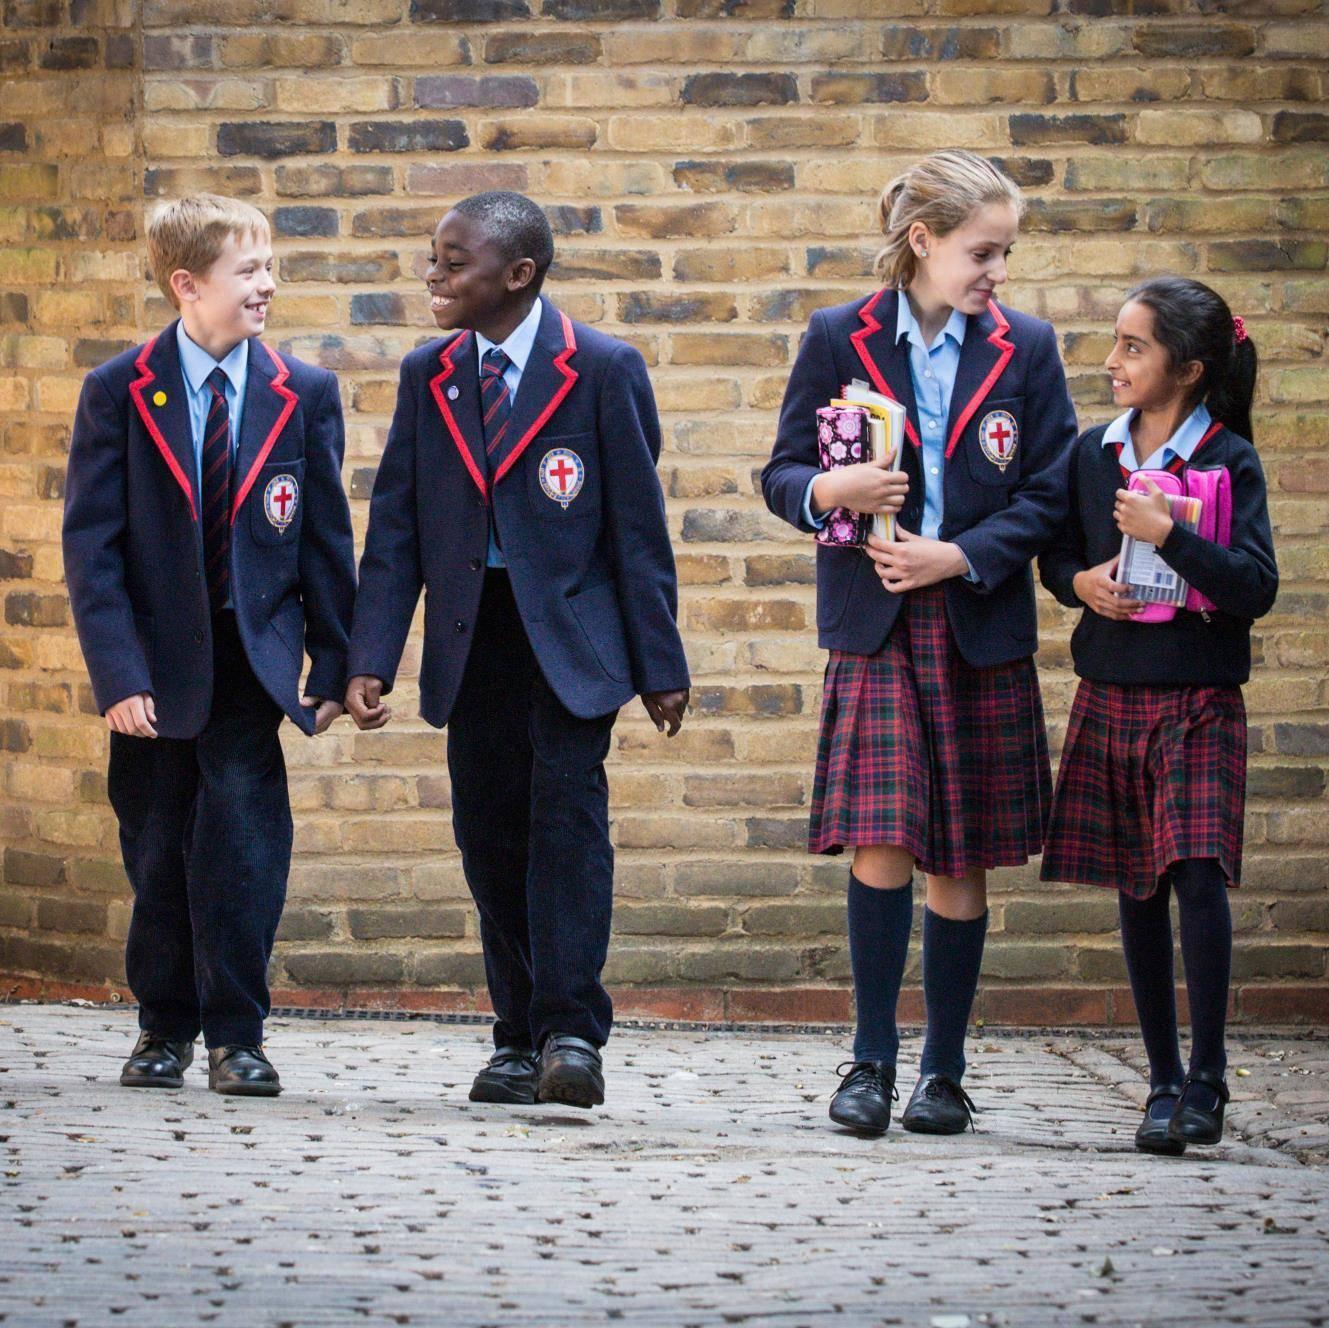 Образование в великобритании в 2020 году